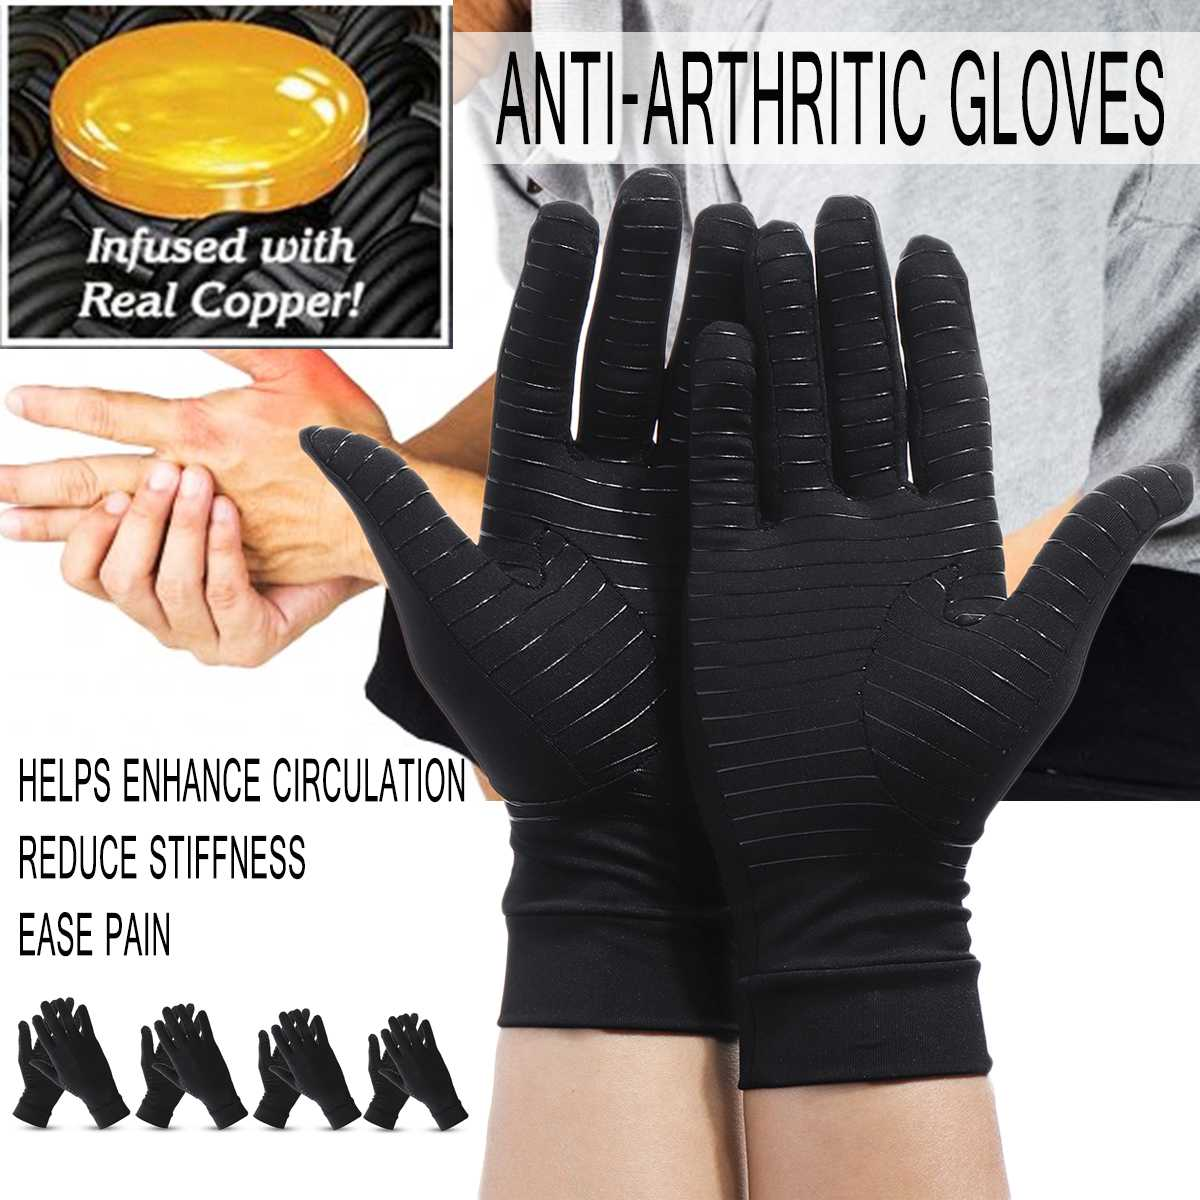 Vrouwen Mannen Handen Artritis Handschoenen Koper Fiber Therapie Compressie Handschoenen Circulatie Grip Hand Artritis Gewrichtspijn Opluchting